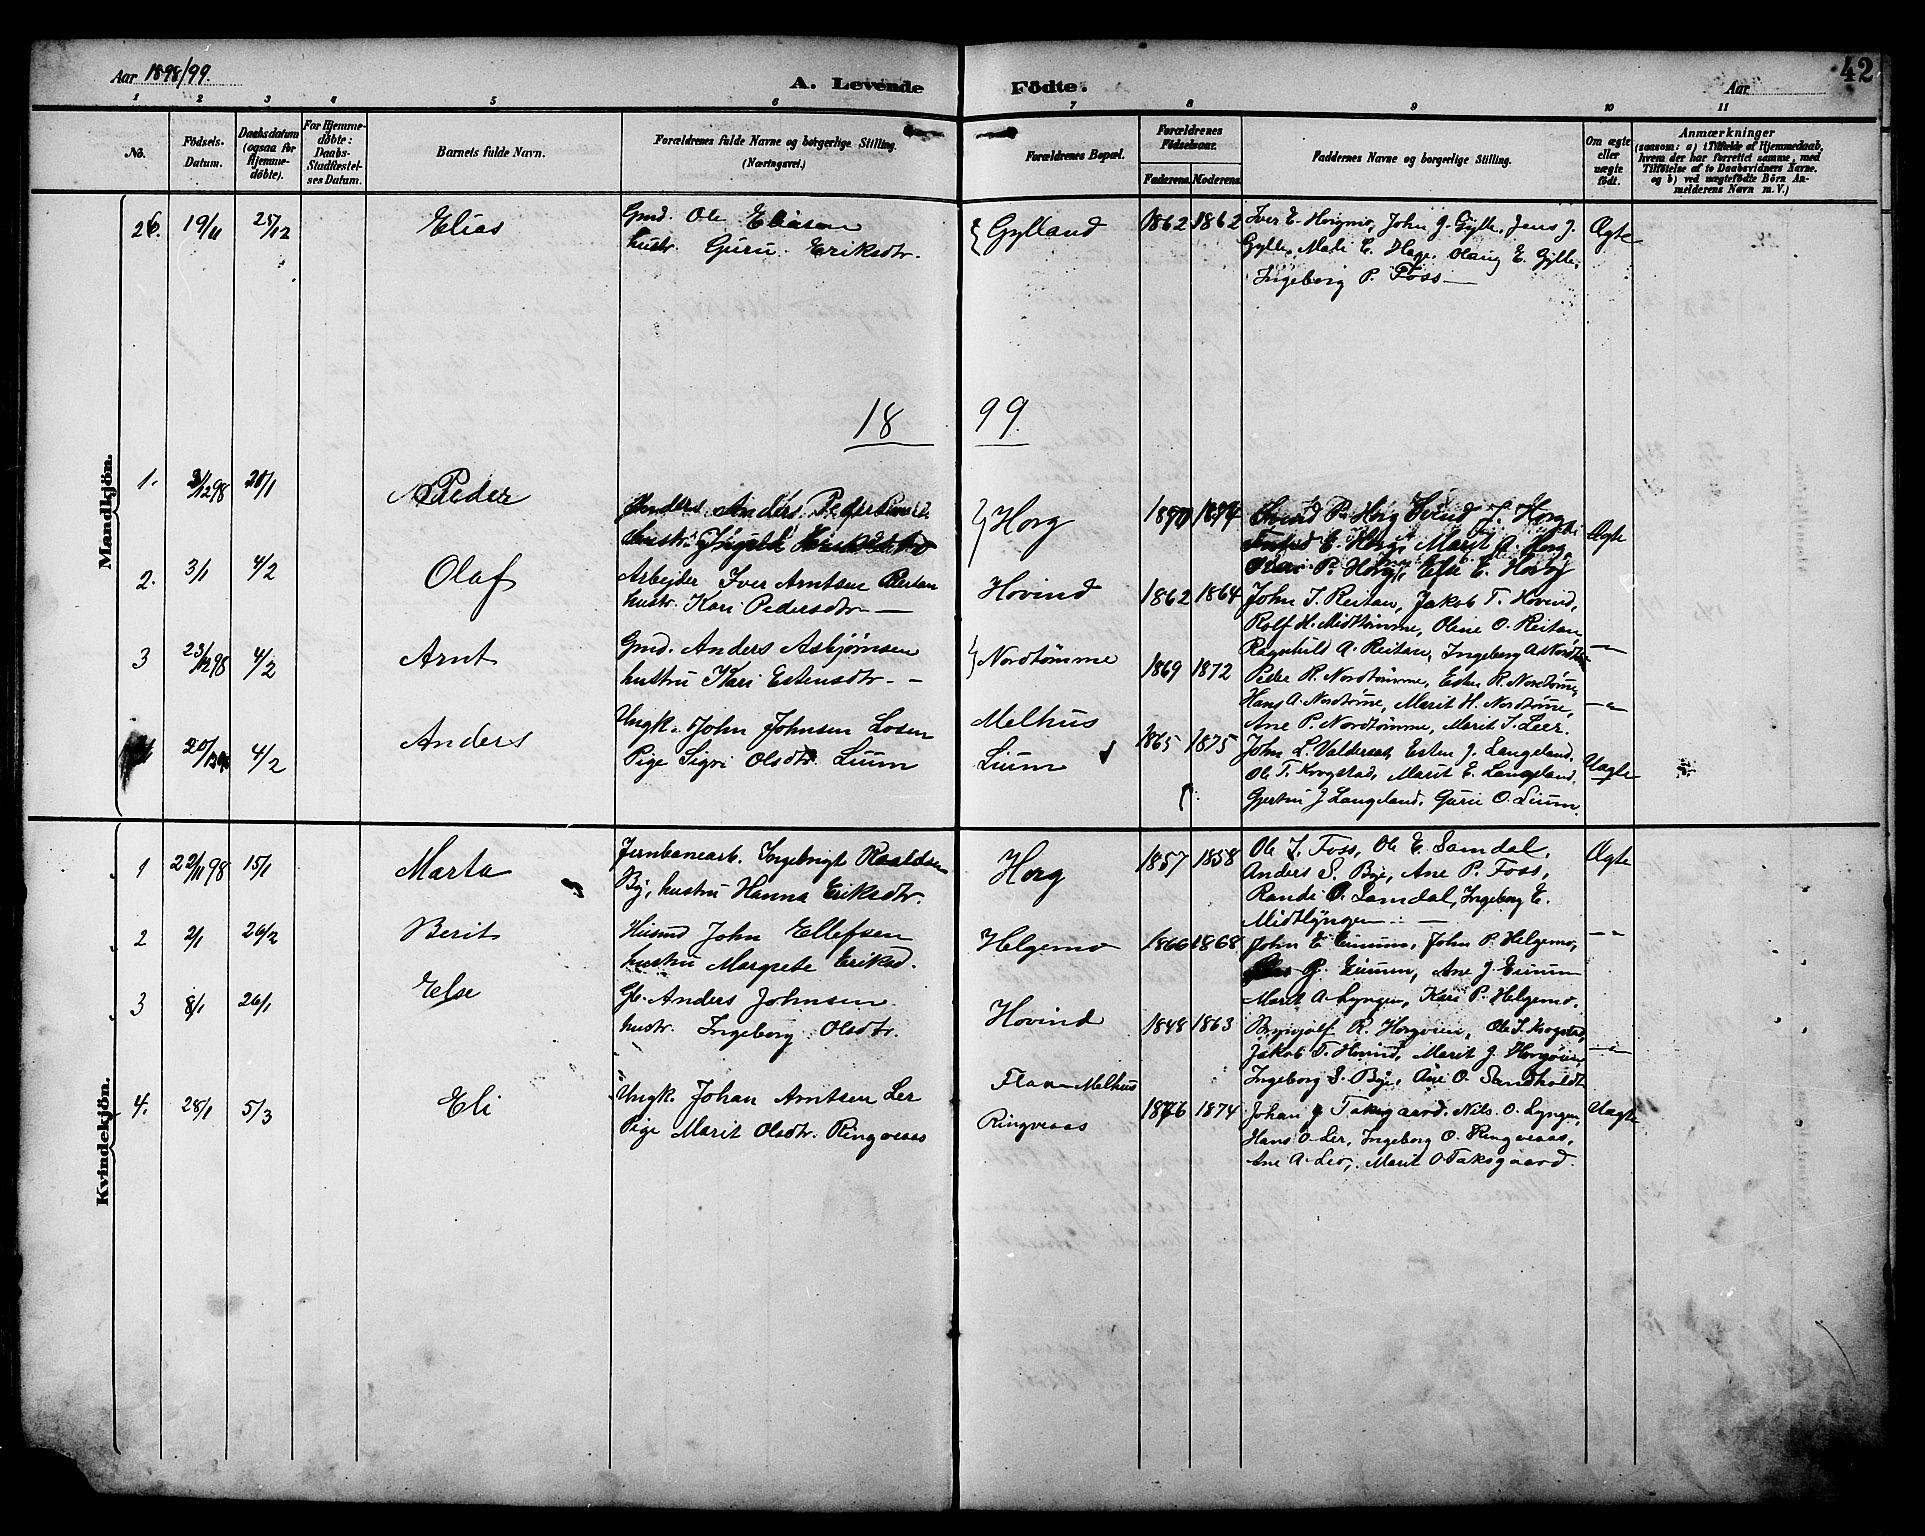 SAT, Ministerialprotokoller, klokkerbøker og fødselsregistre - Sør-Trøndelag, 692/L1111: Klokkerbok nr. 692C06, 1890-1904, s. 42